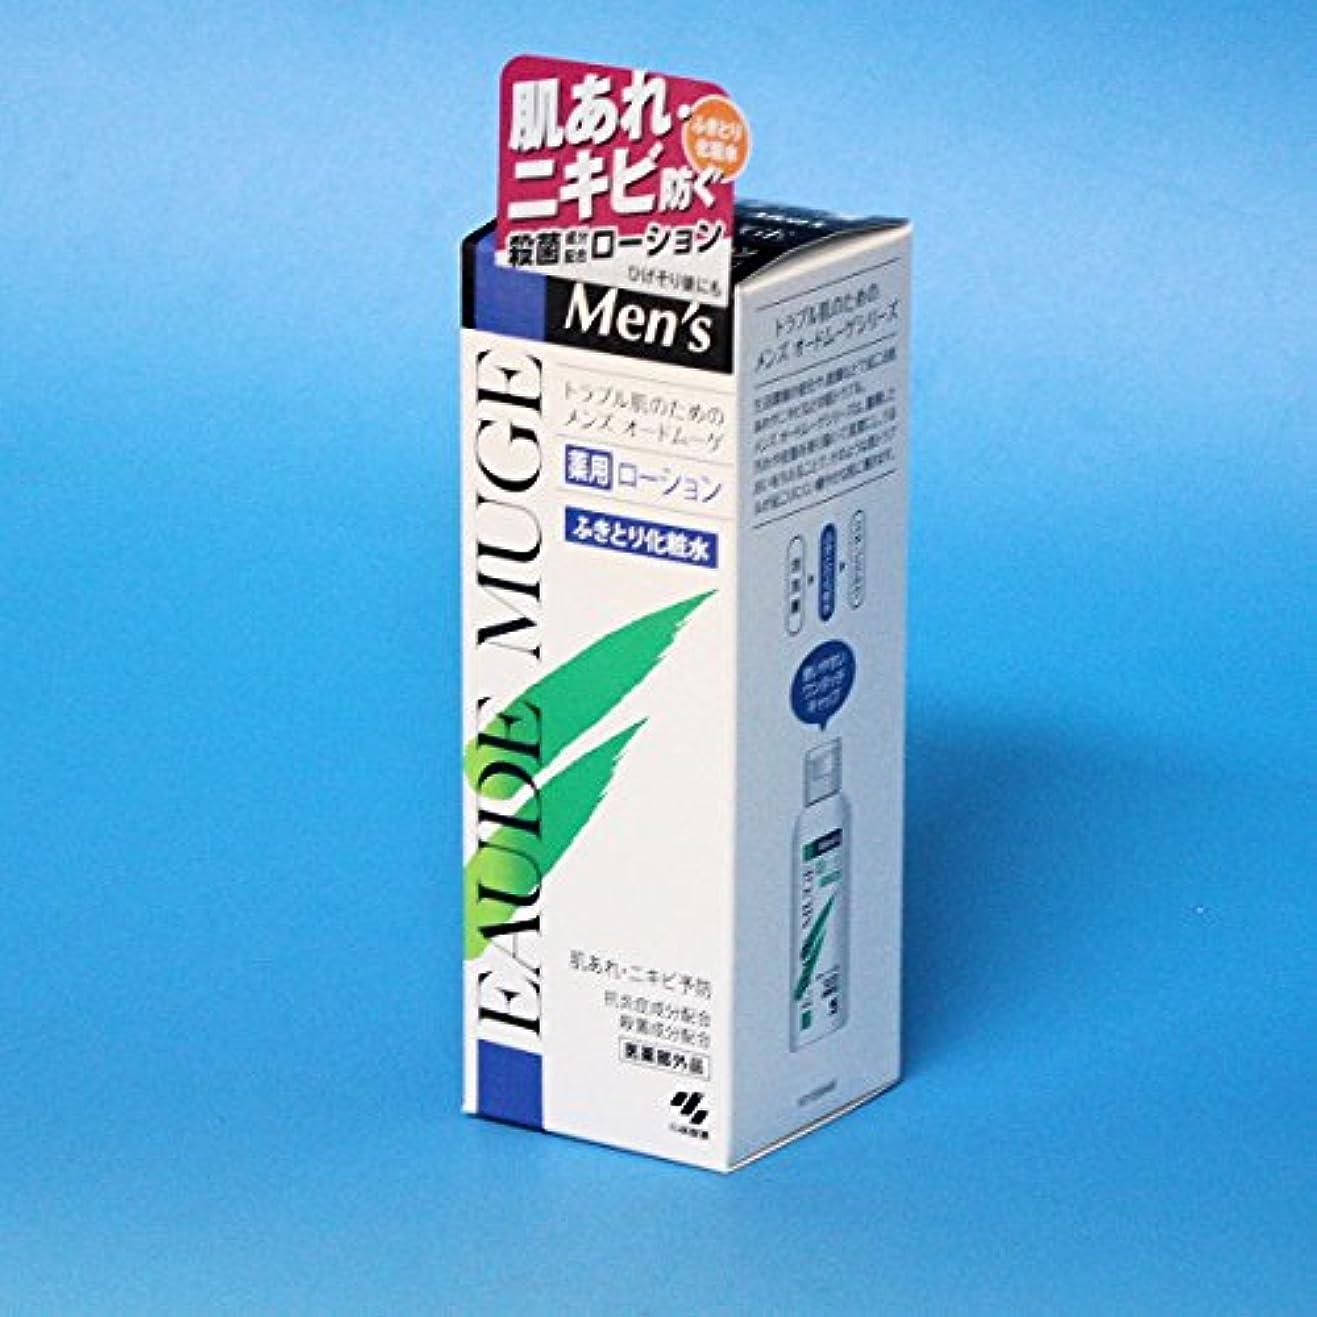 弓シャトル謝るメンズ オードムーゲ薬用ローション ふき取り化粧水 160ml